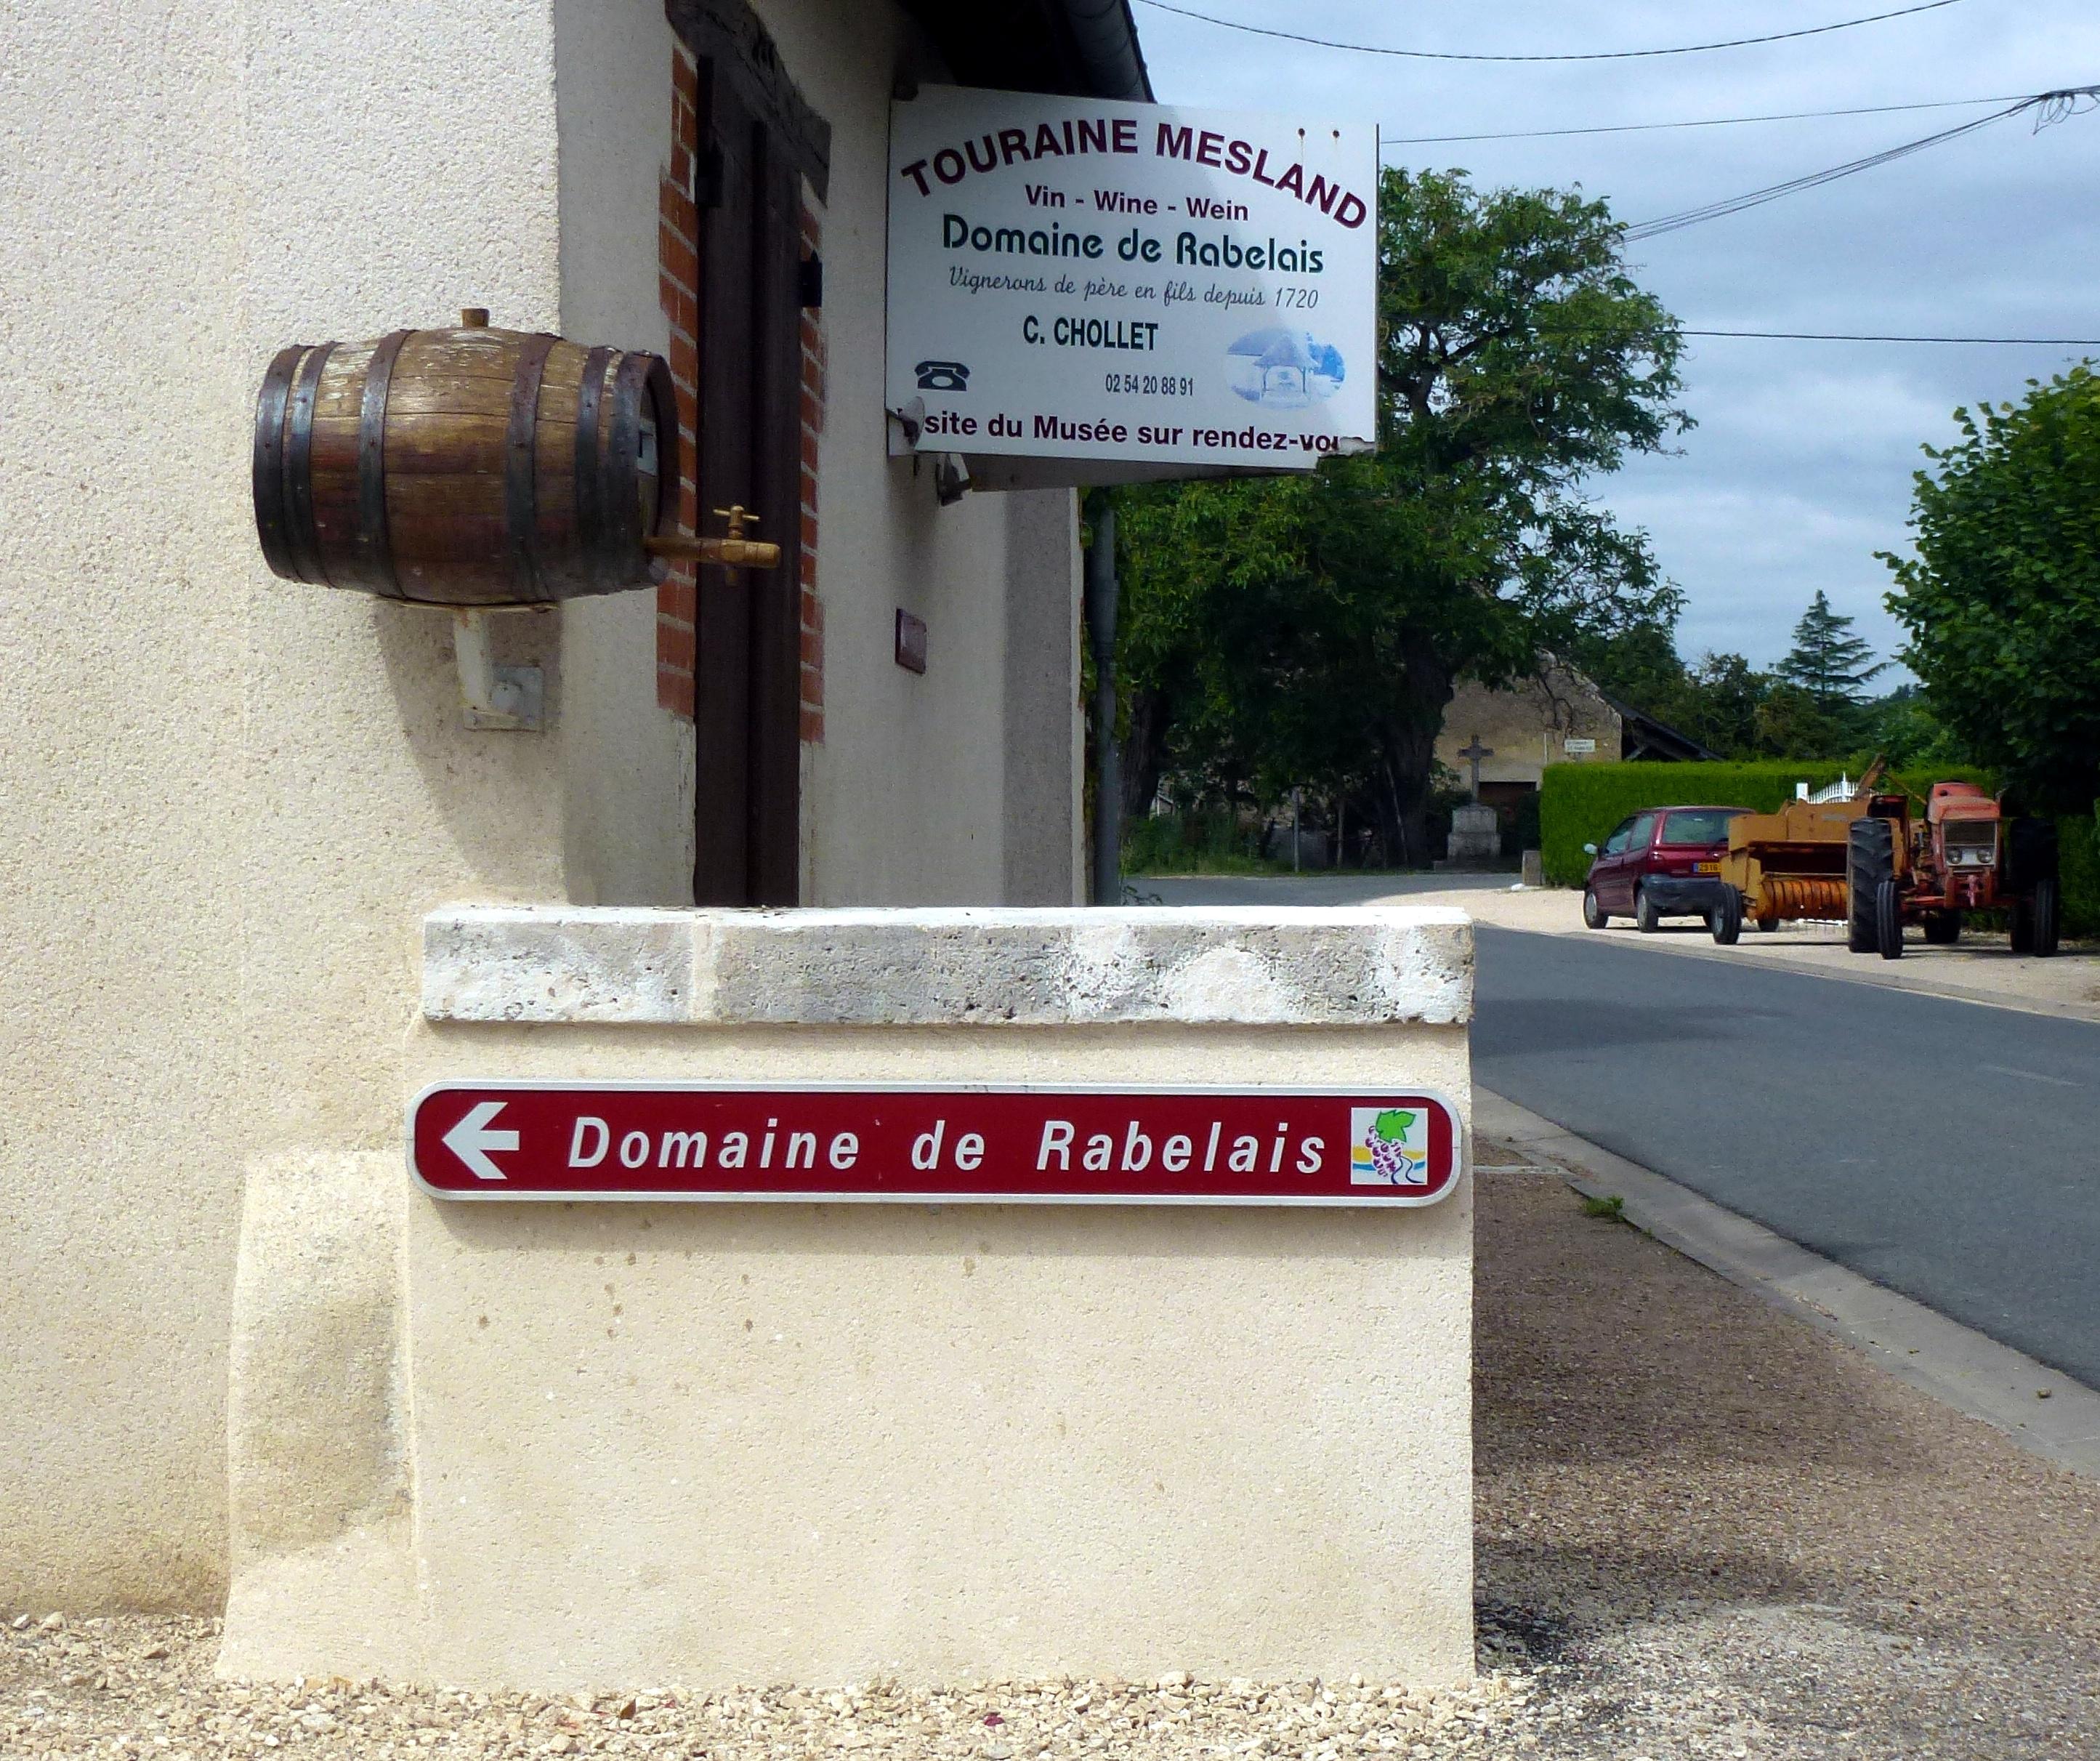 Domaine de Rabelais à Onzain (41) - AOP Touraine Mesland